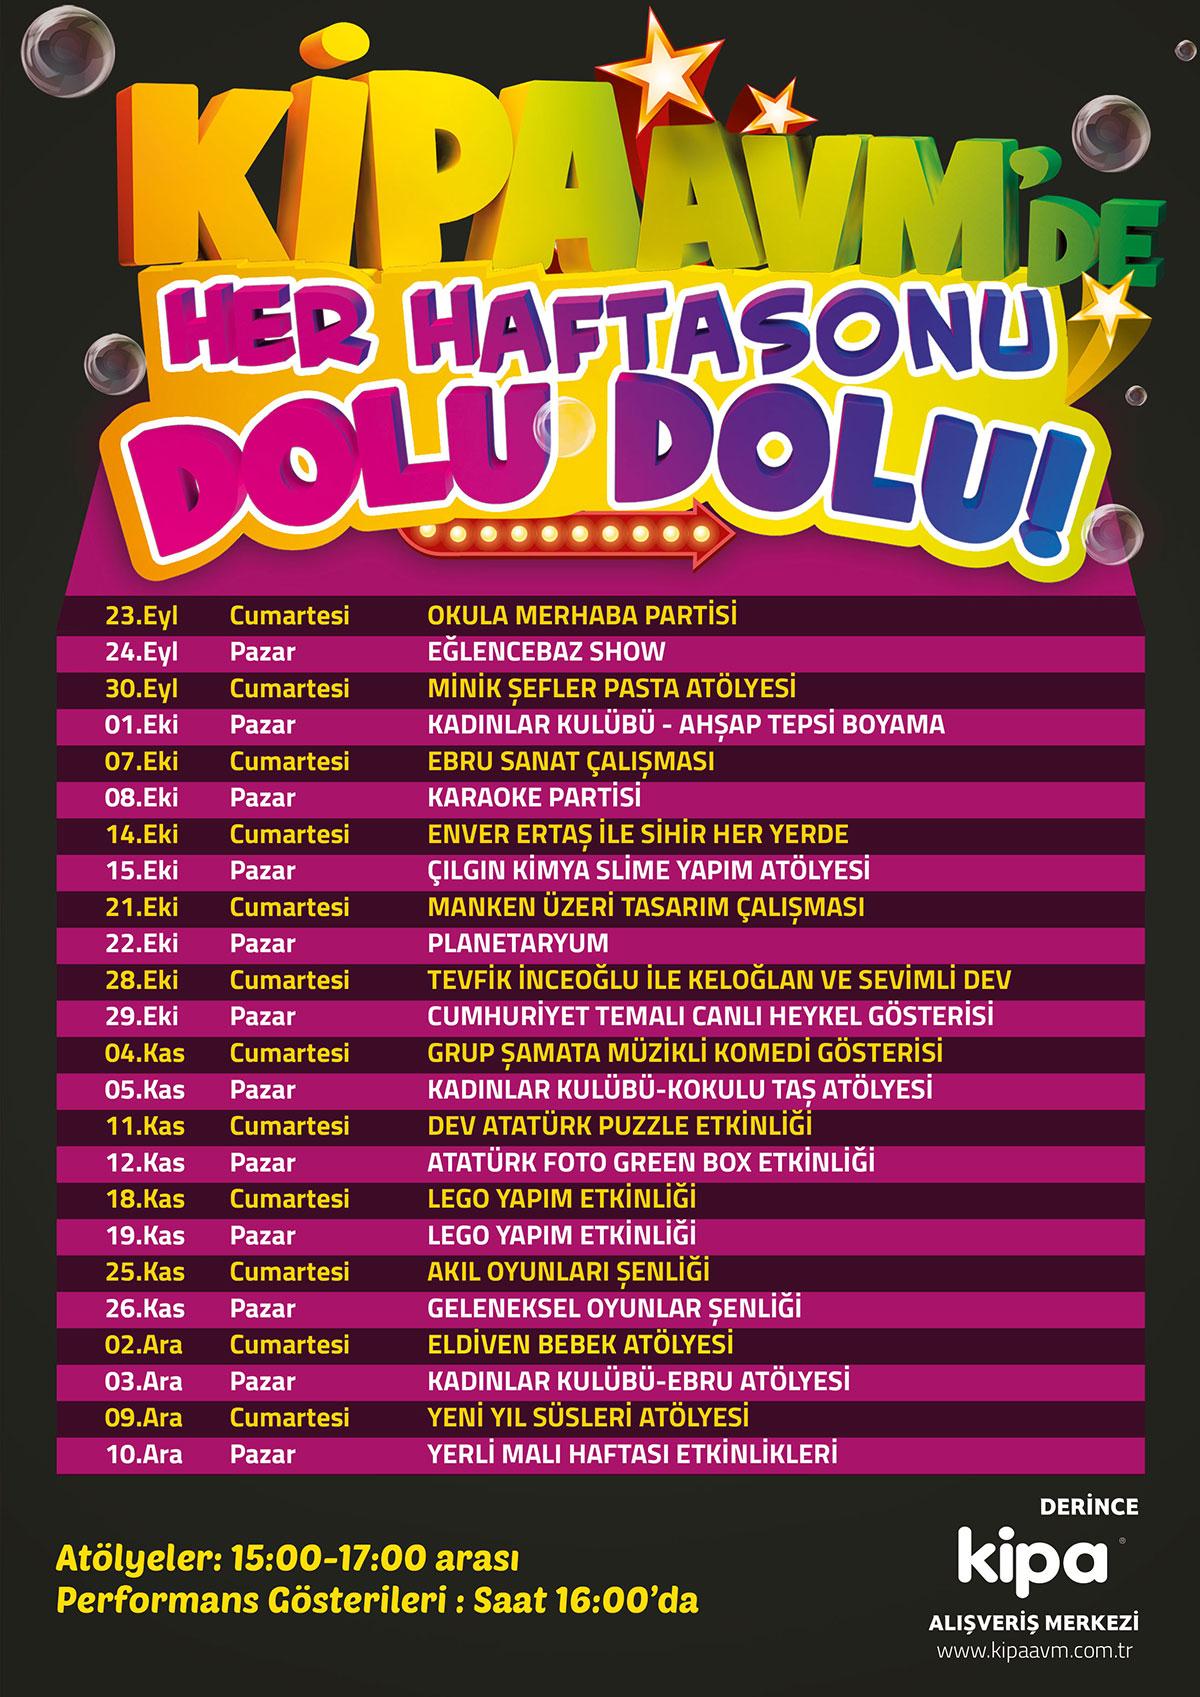 DERİNCE KİPA AVM'DE HER HAFTASONU DOLU DOLU!